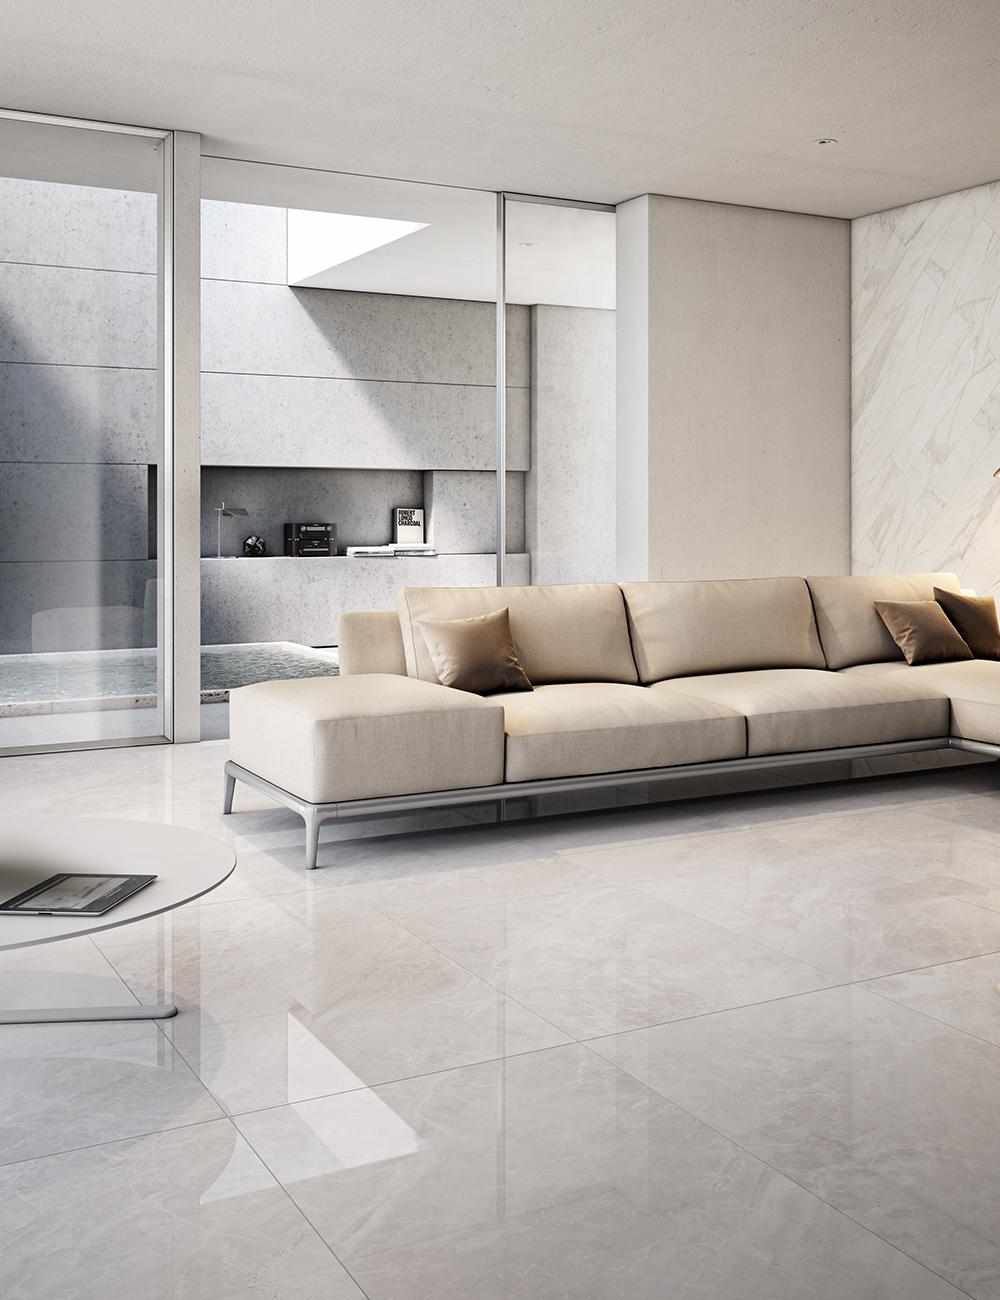 Pavimento Finto Marmo Lucido piastrella luni grigio 60x60 lappato effetto marmo